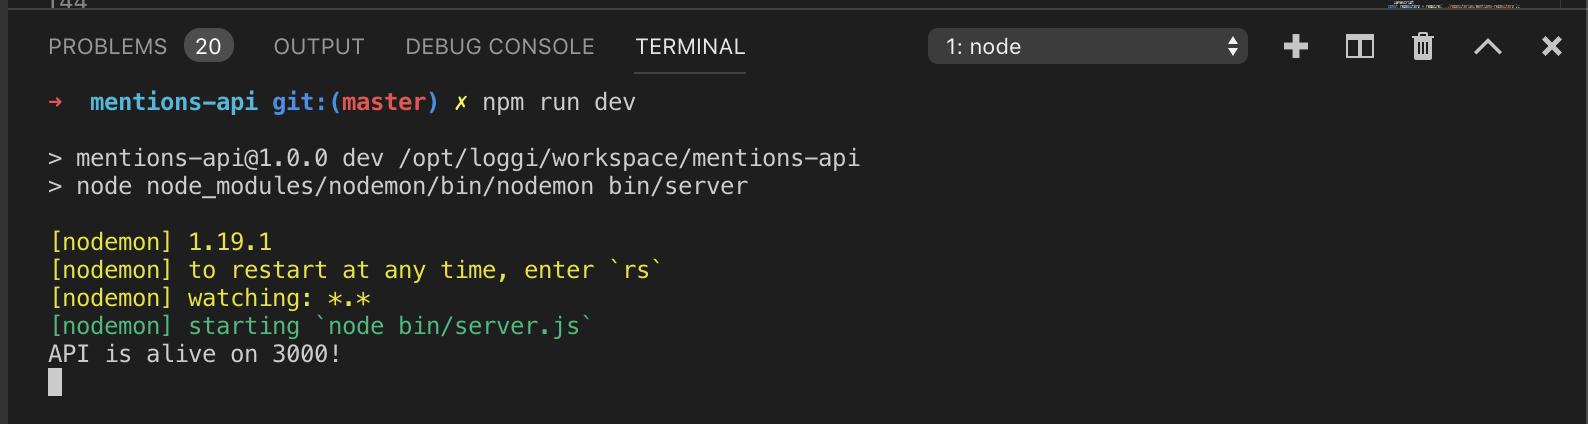 Imagem do VS Code executando o comando npm run dev